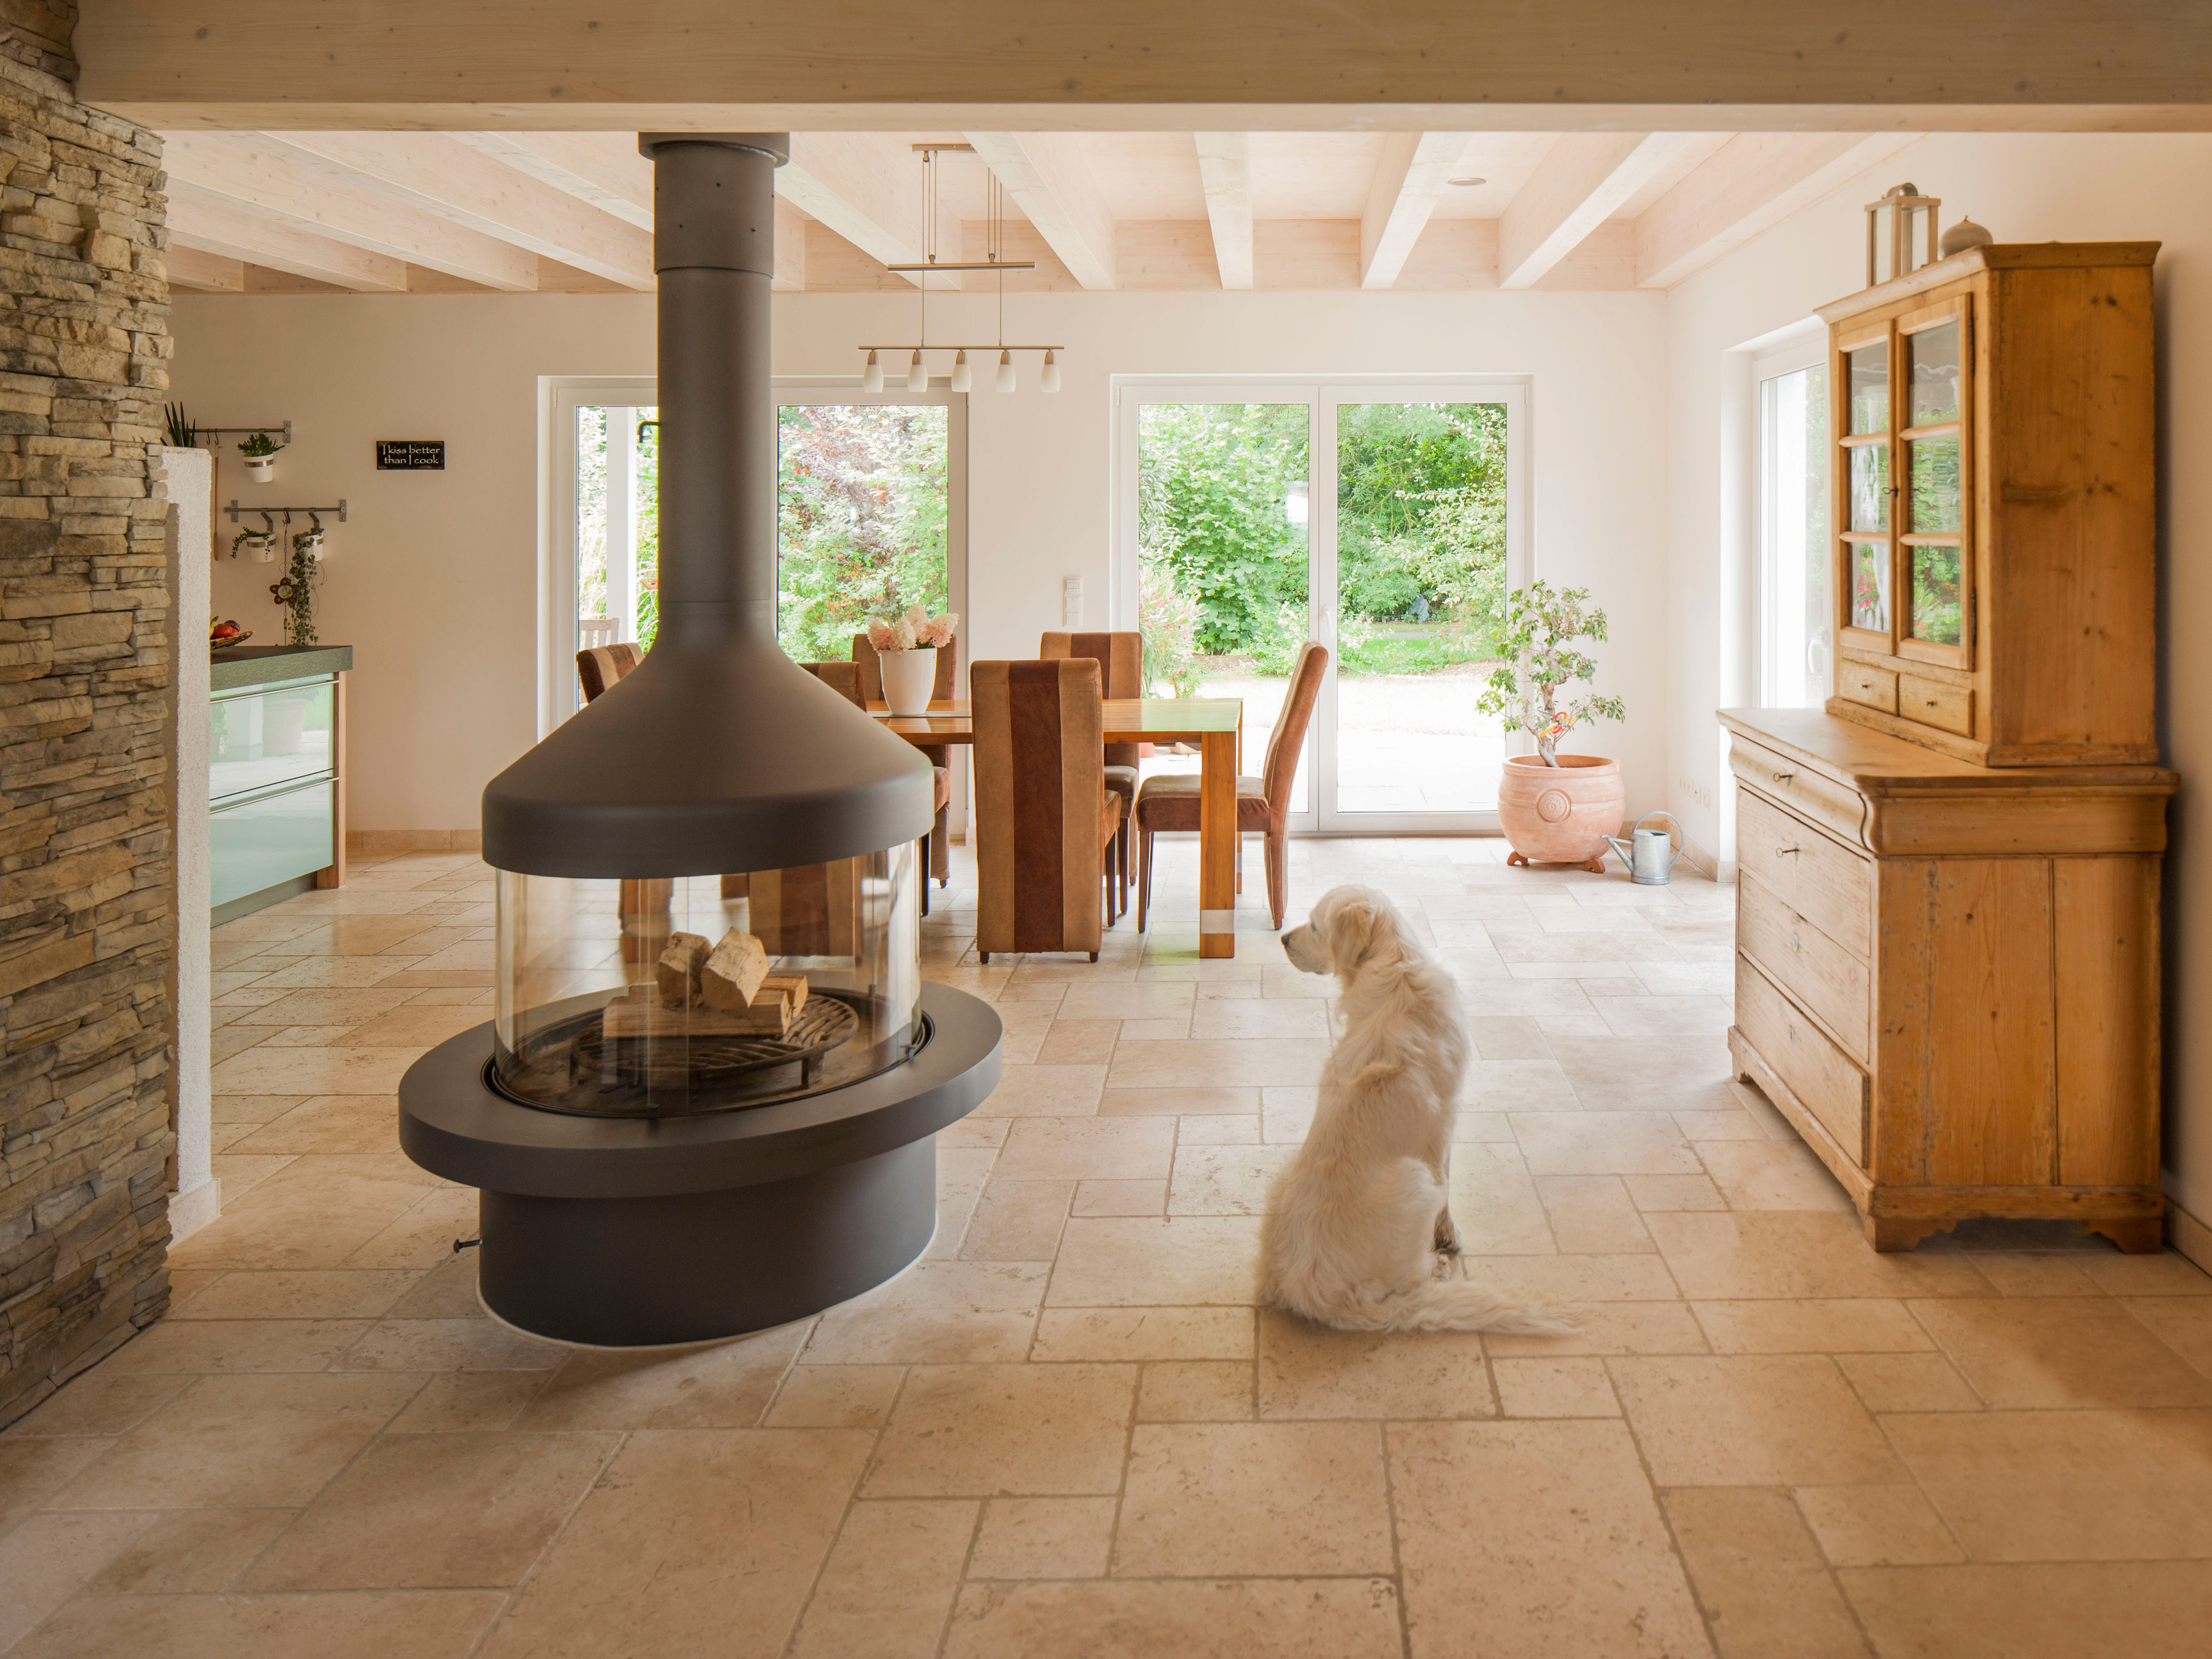 Gemütlichkeit Und Ein Ambiente Zum Wohlfühlen Mit Travertin Light ... Gestaltung Wohnzimmer Sandstein